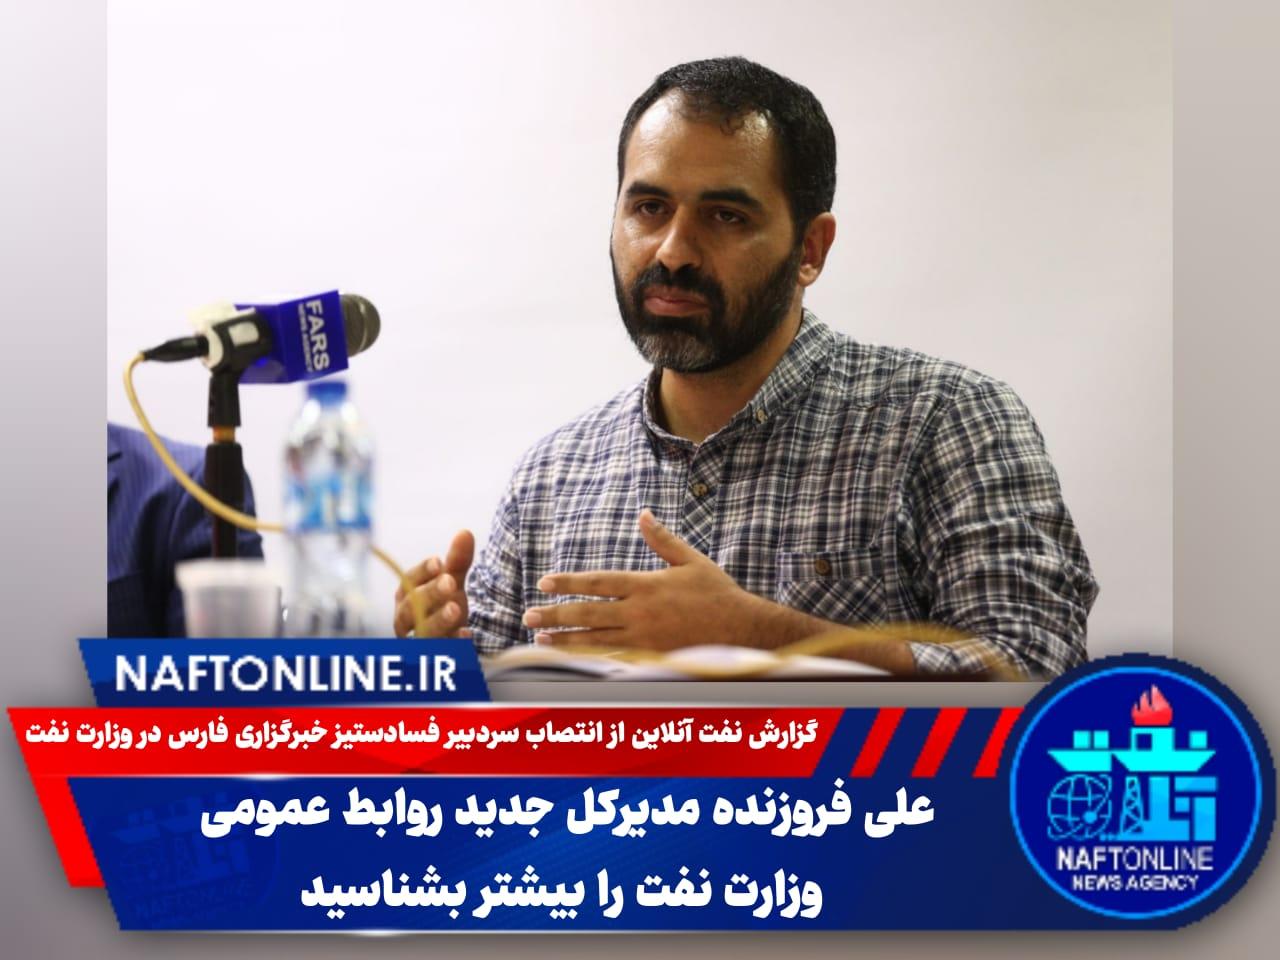 علی فروزنده روابط عمومی وزارت نفت